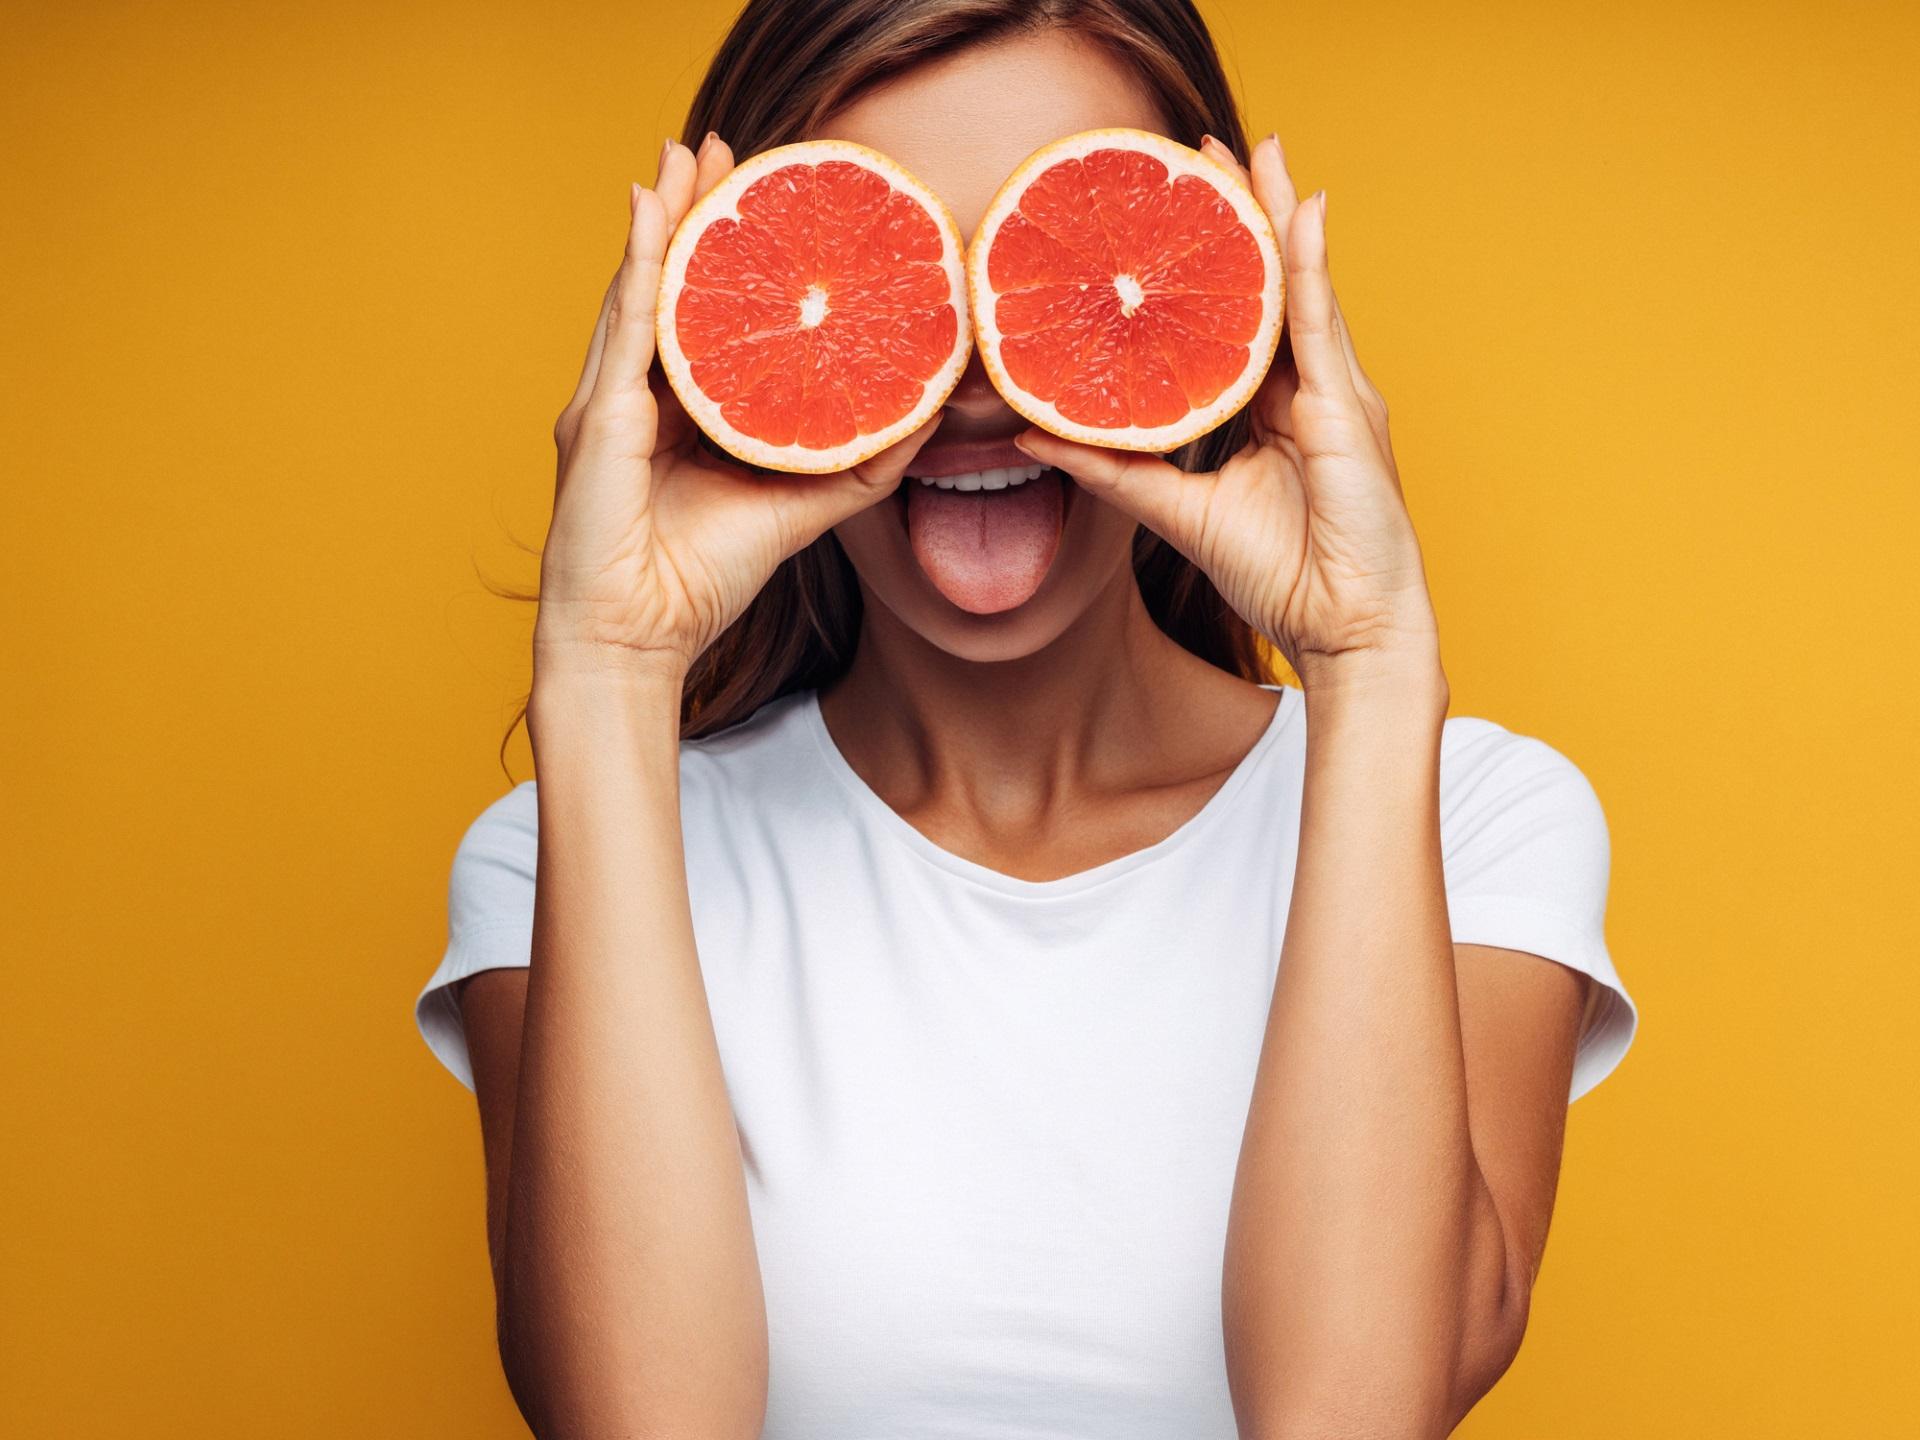 <p><strong>Рак &ndash; грейпфрут</strong></p>  <p>Това е мистериозният братовчед на портокала. Понякога грейпфрутите са сладки, а понякога &ndash; горчиви. Не ви ли напомня на представителите на зодия Рак?</p>